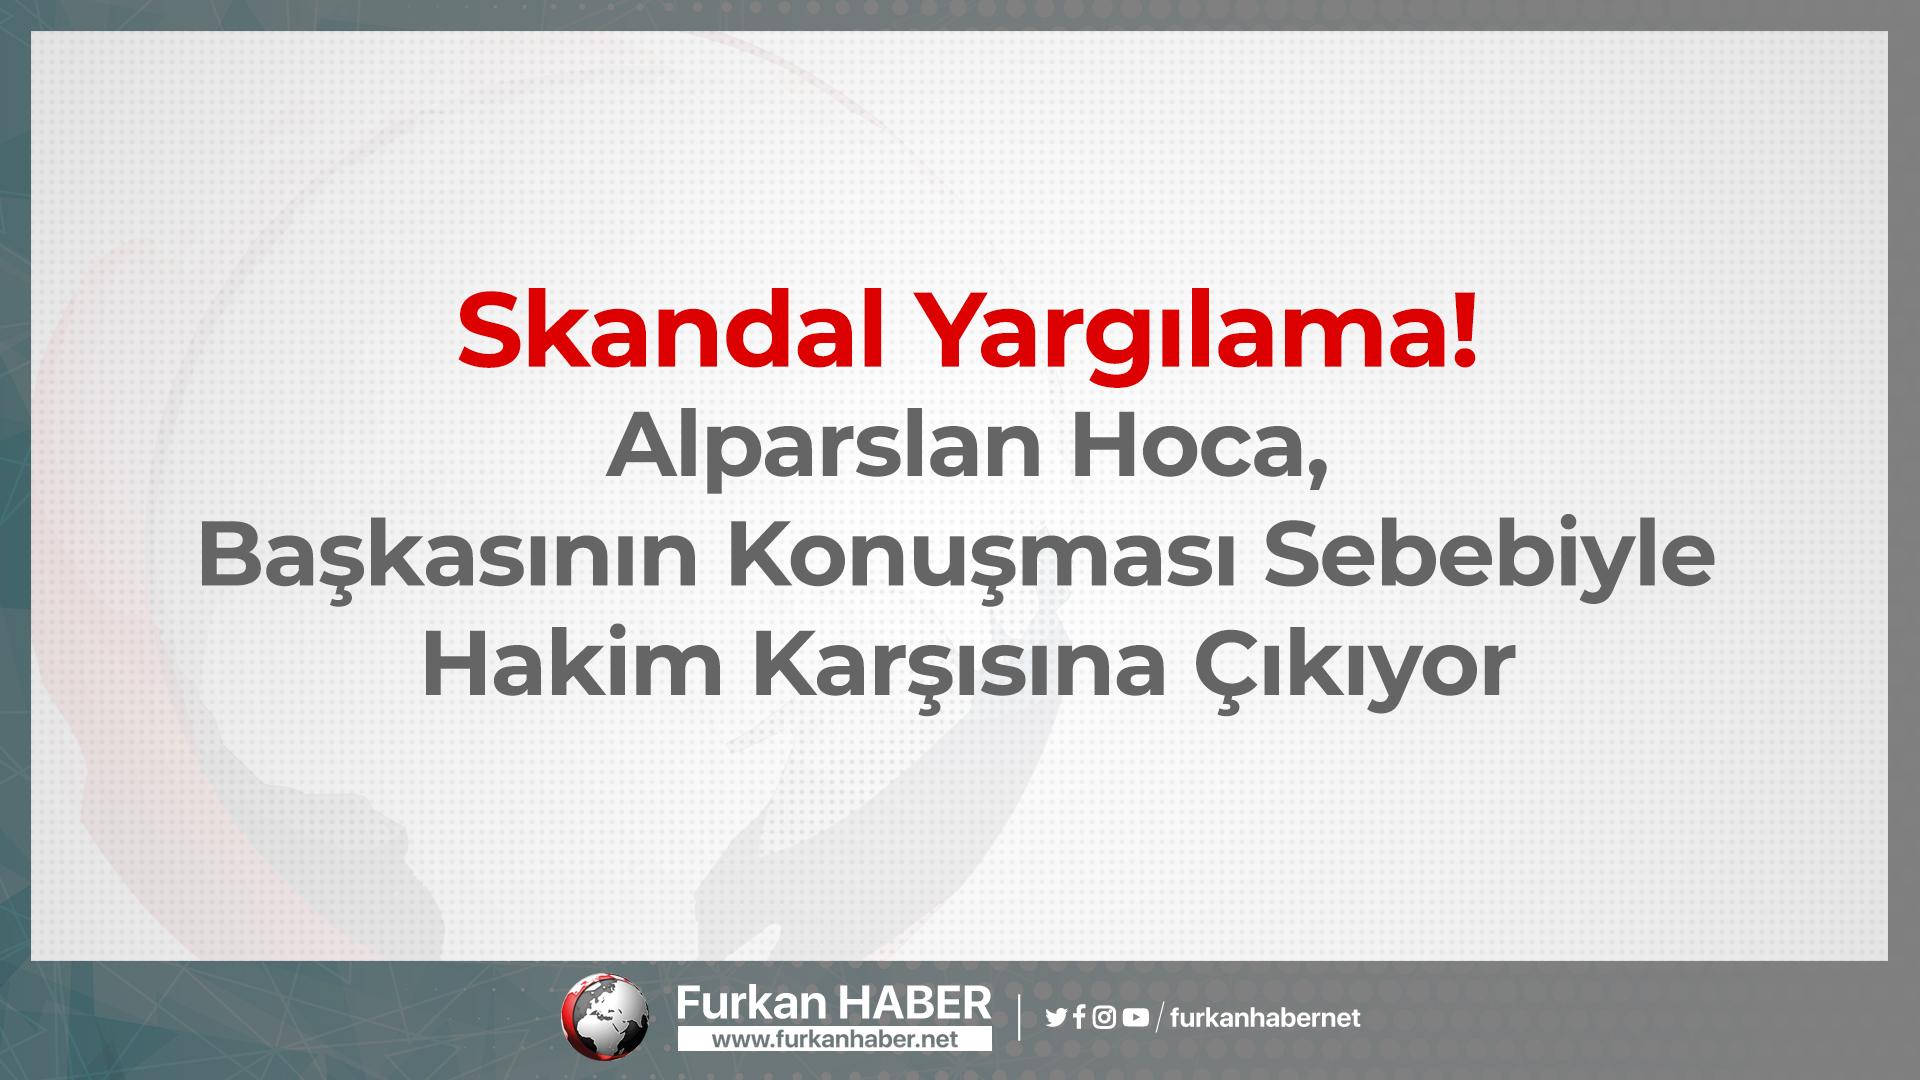 Skandal Yargılama! Alparslan Hoca, Başkasının Konuşması Sebebiyle Hakim Karşısına Çıkıyor